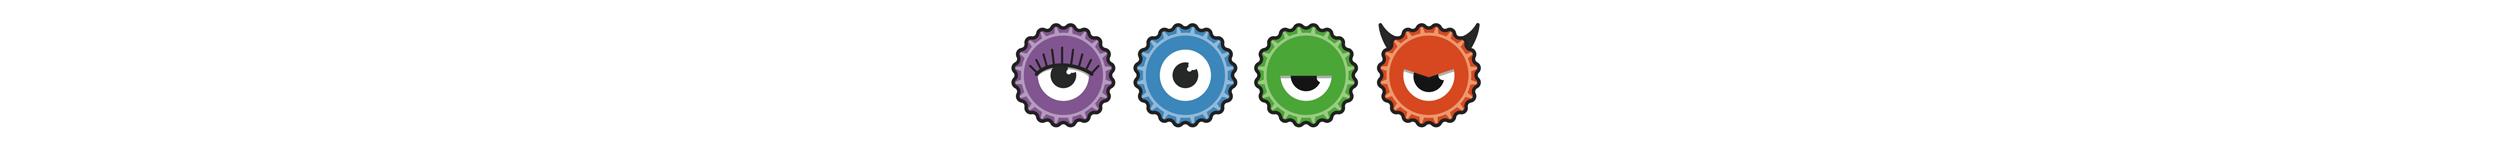 odd eyes.jpg